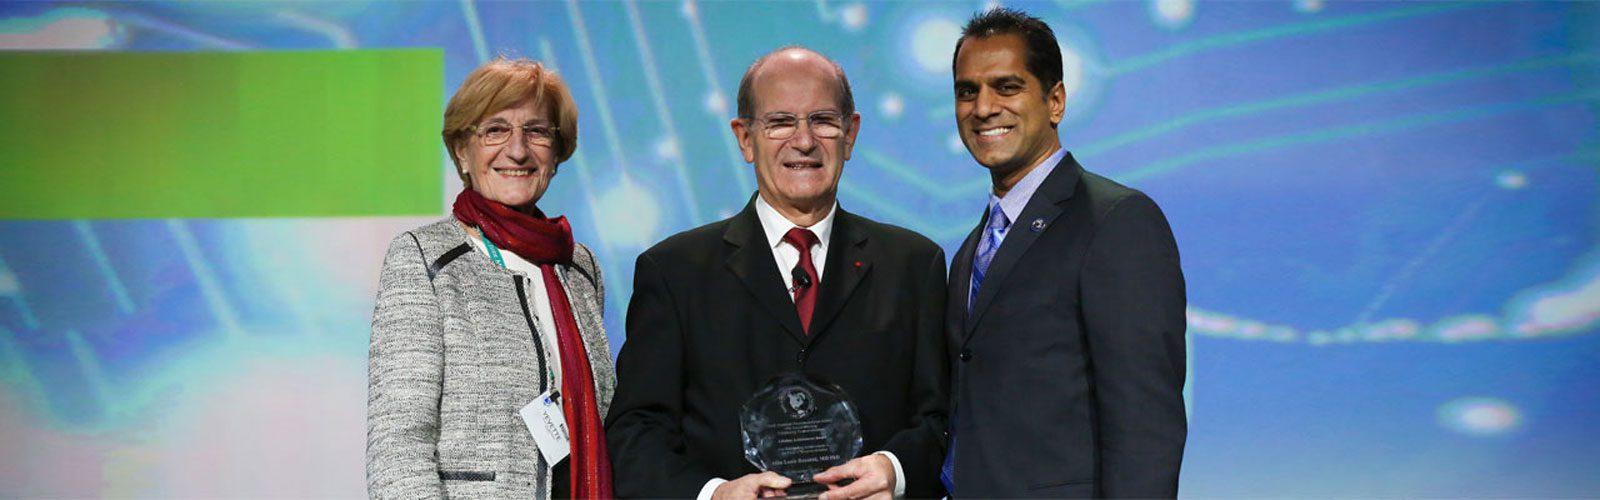 Dr. Patil with Alim-Louis Benabid, DBS pioneer